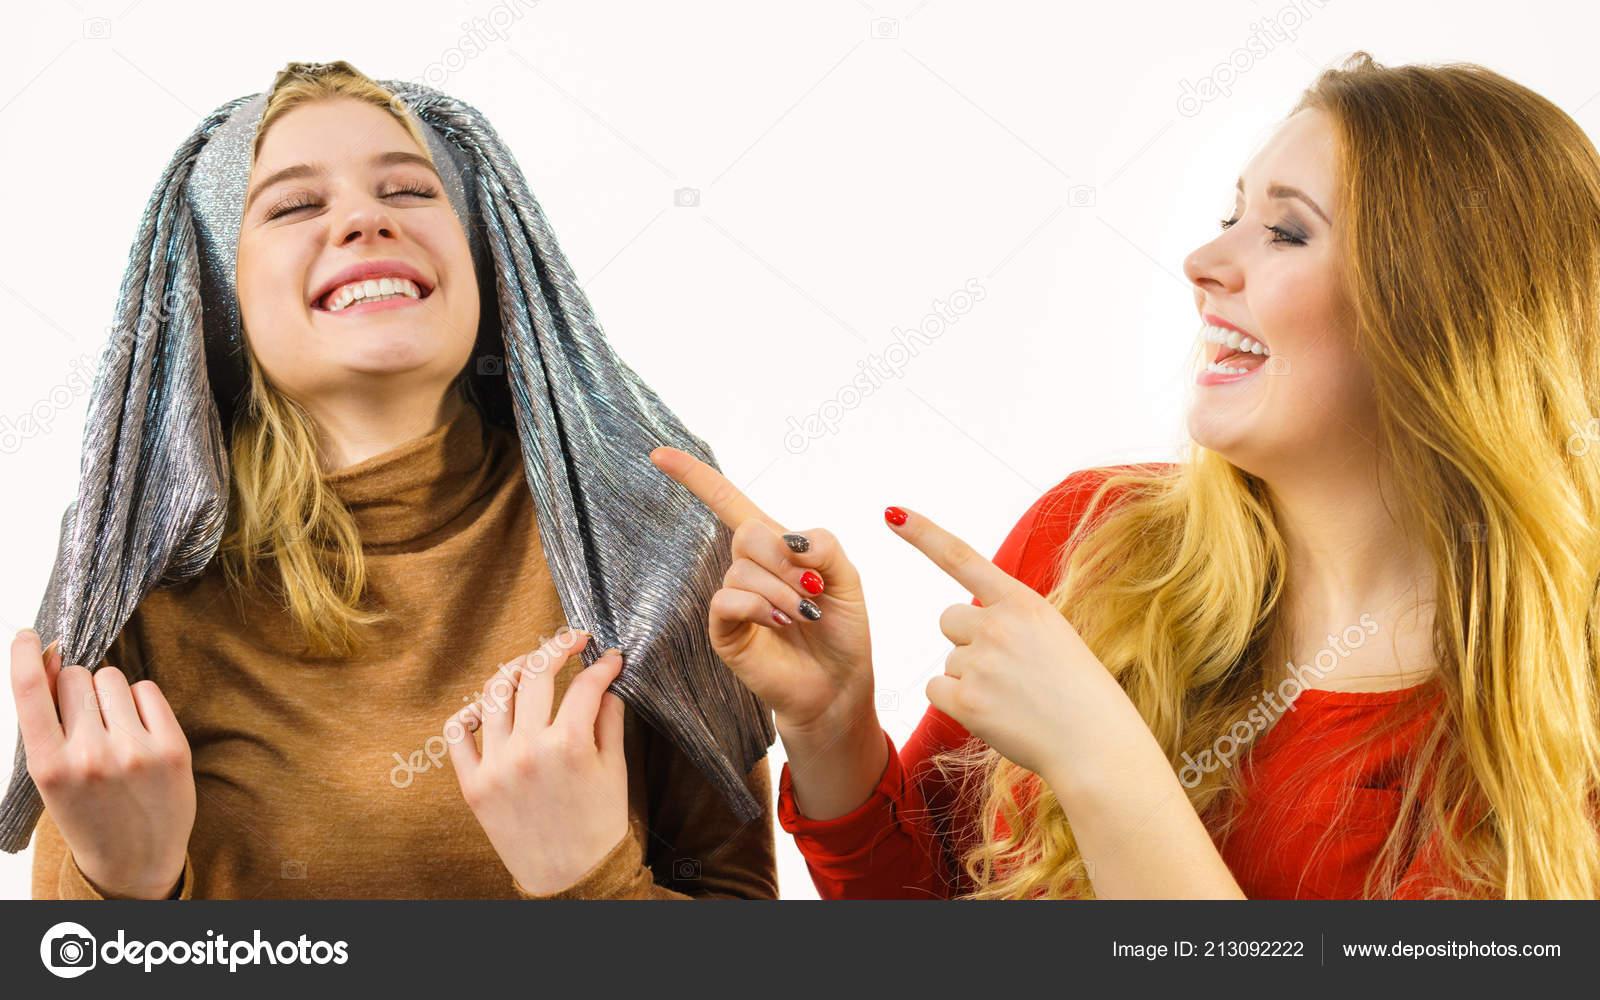 Dos Mujeres Locas Divertidas Jugando Con Ropa Amigas Bromeando